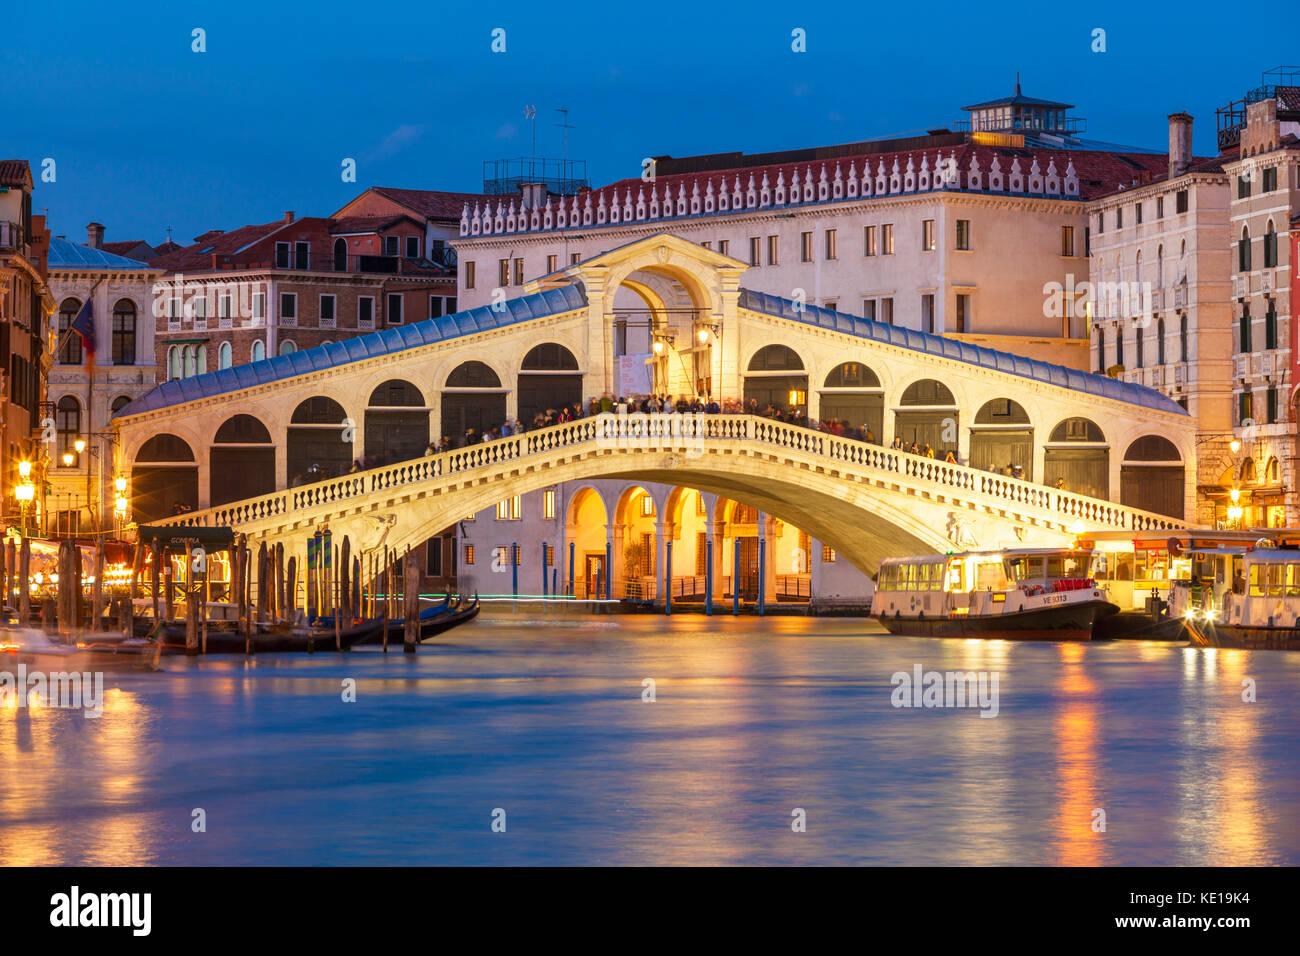 Italia Italia góndola en Venecia Venecia Gran Canal Venecia Italia puente Rialto de noche iluminada por la Imagen De Stock